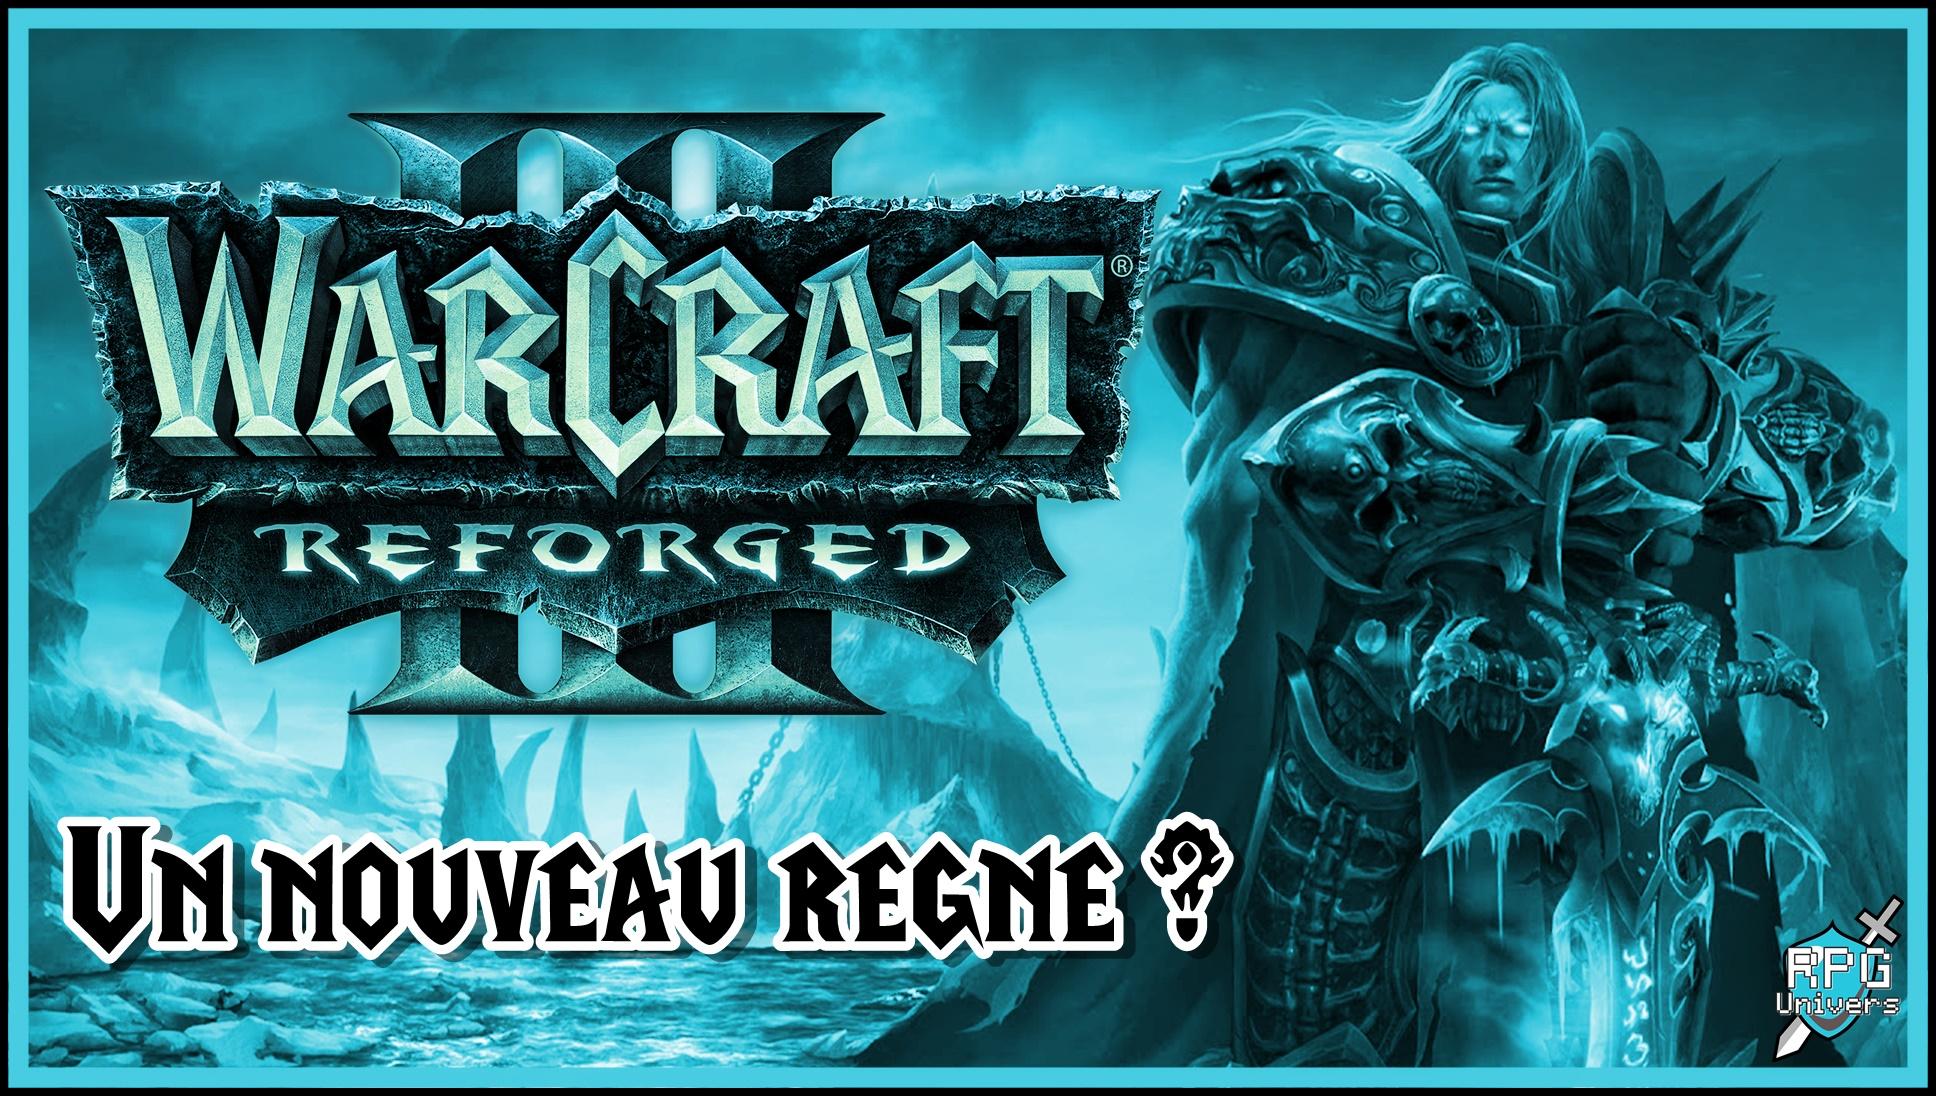 Warcraft III Reforged, un nouveau règne après 18 ans